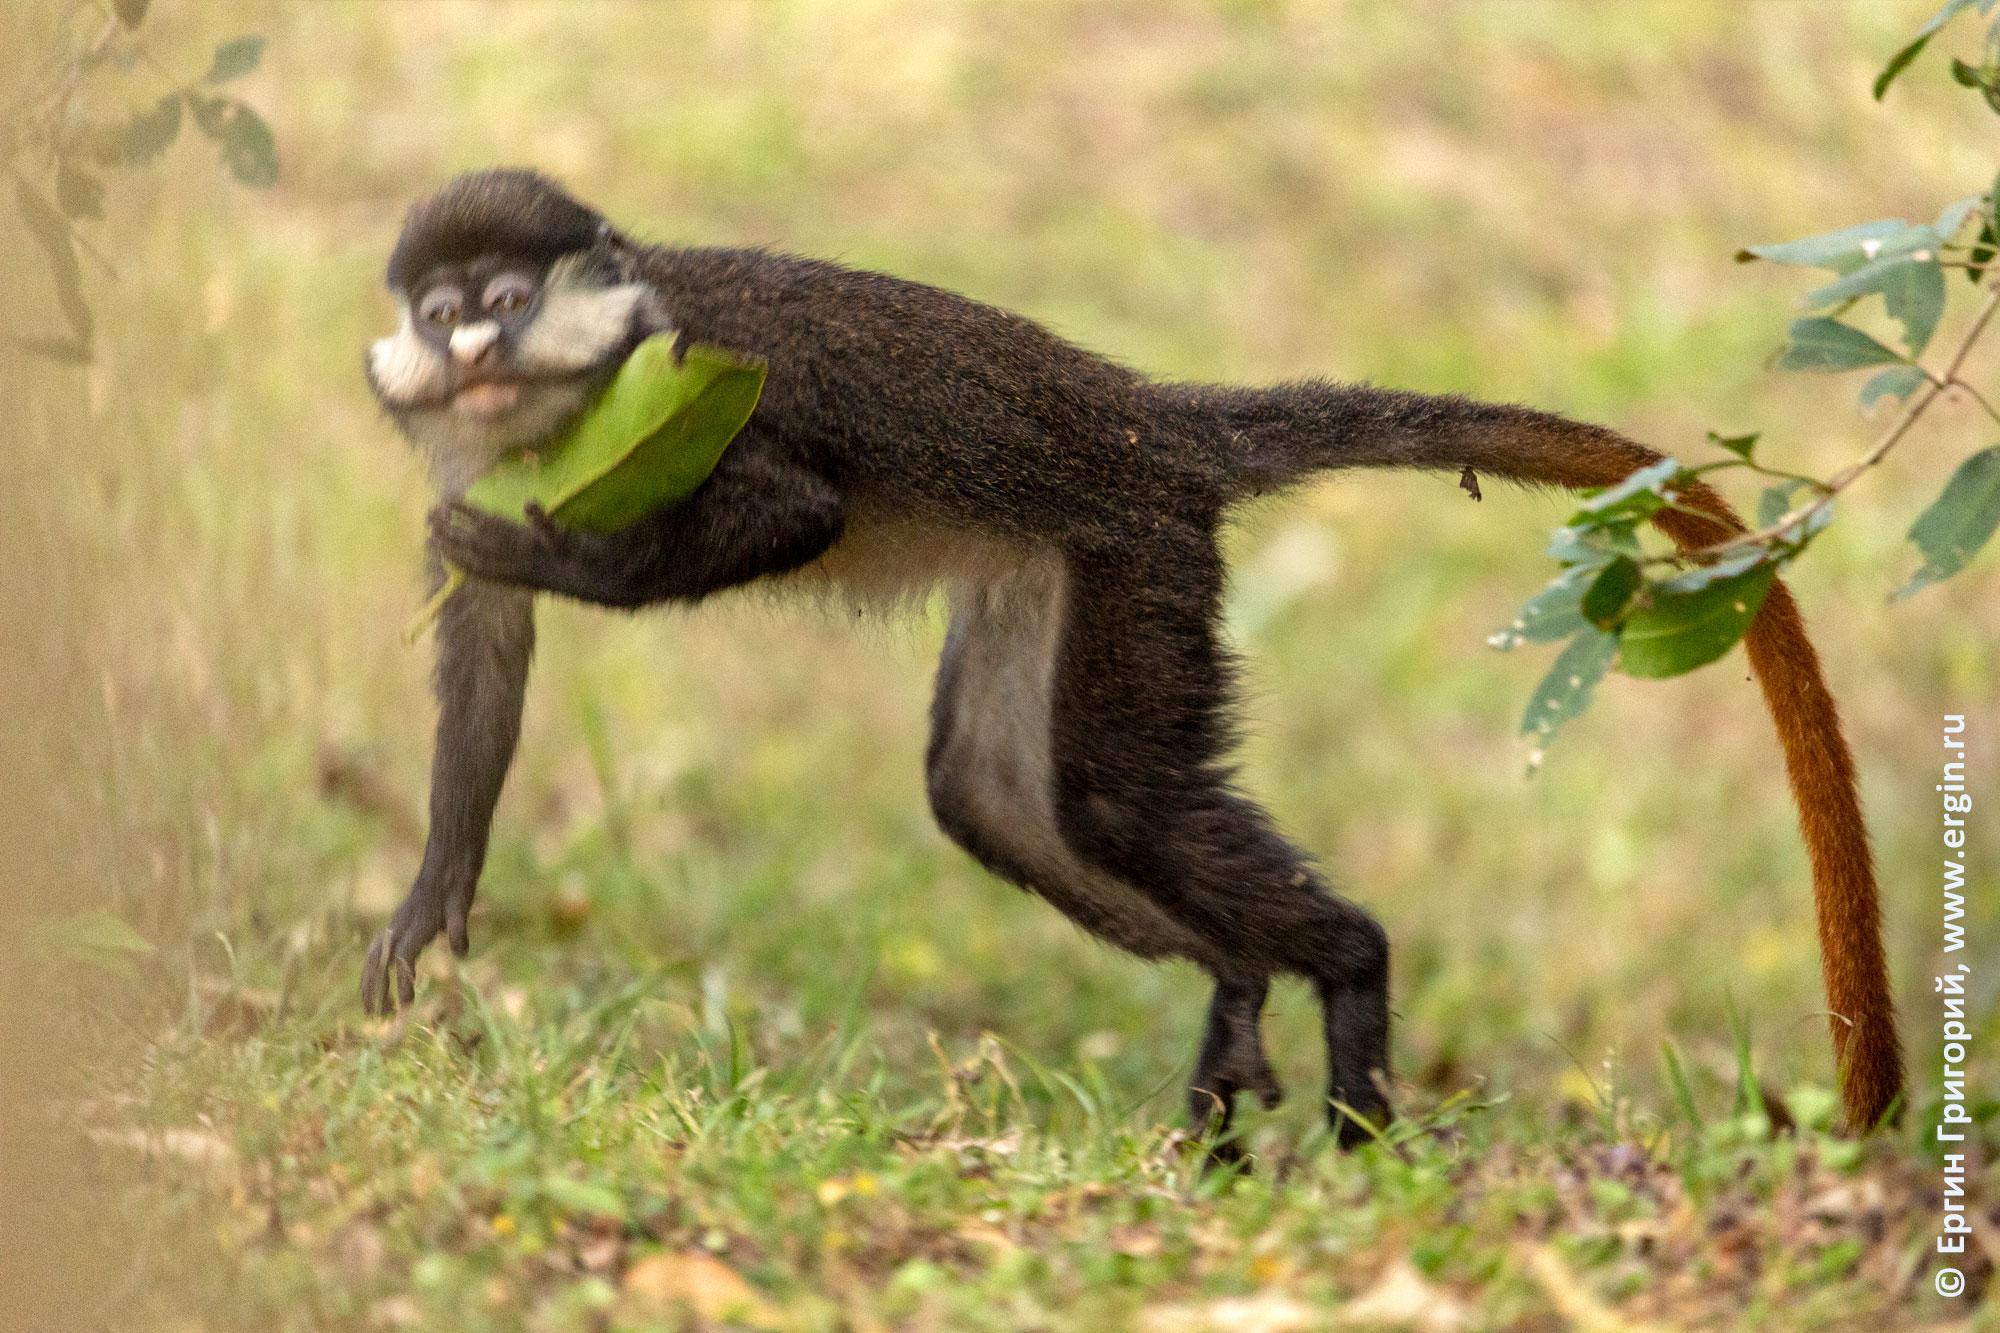 Краснохвостая обезьяна несет в лапах лист